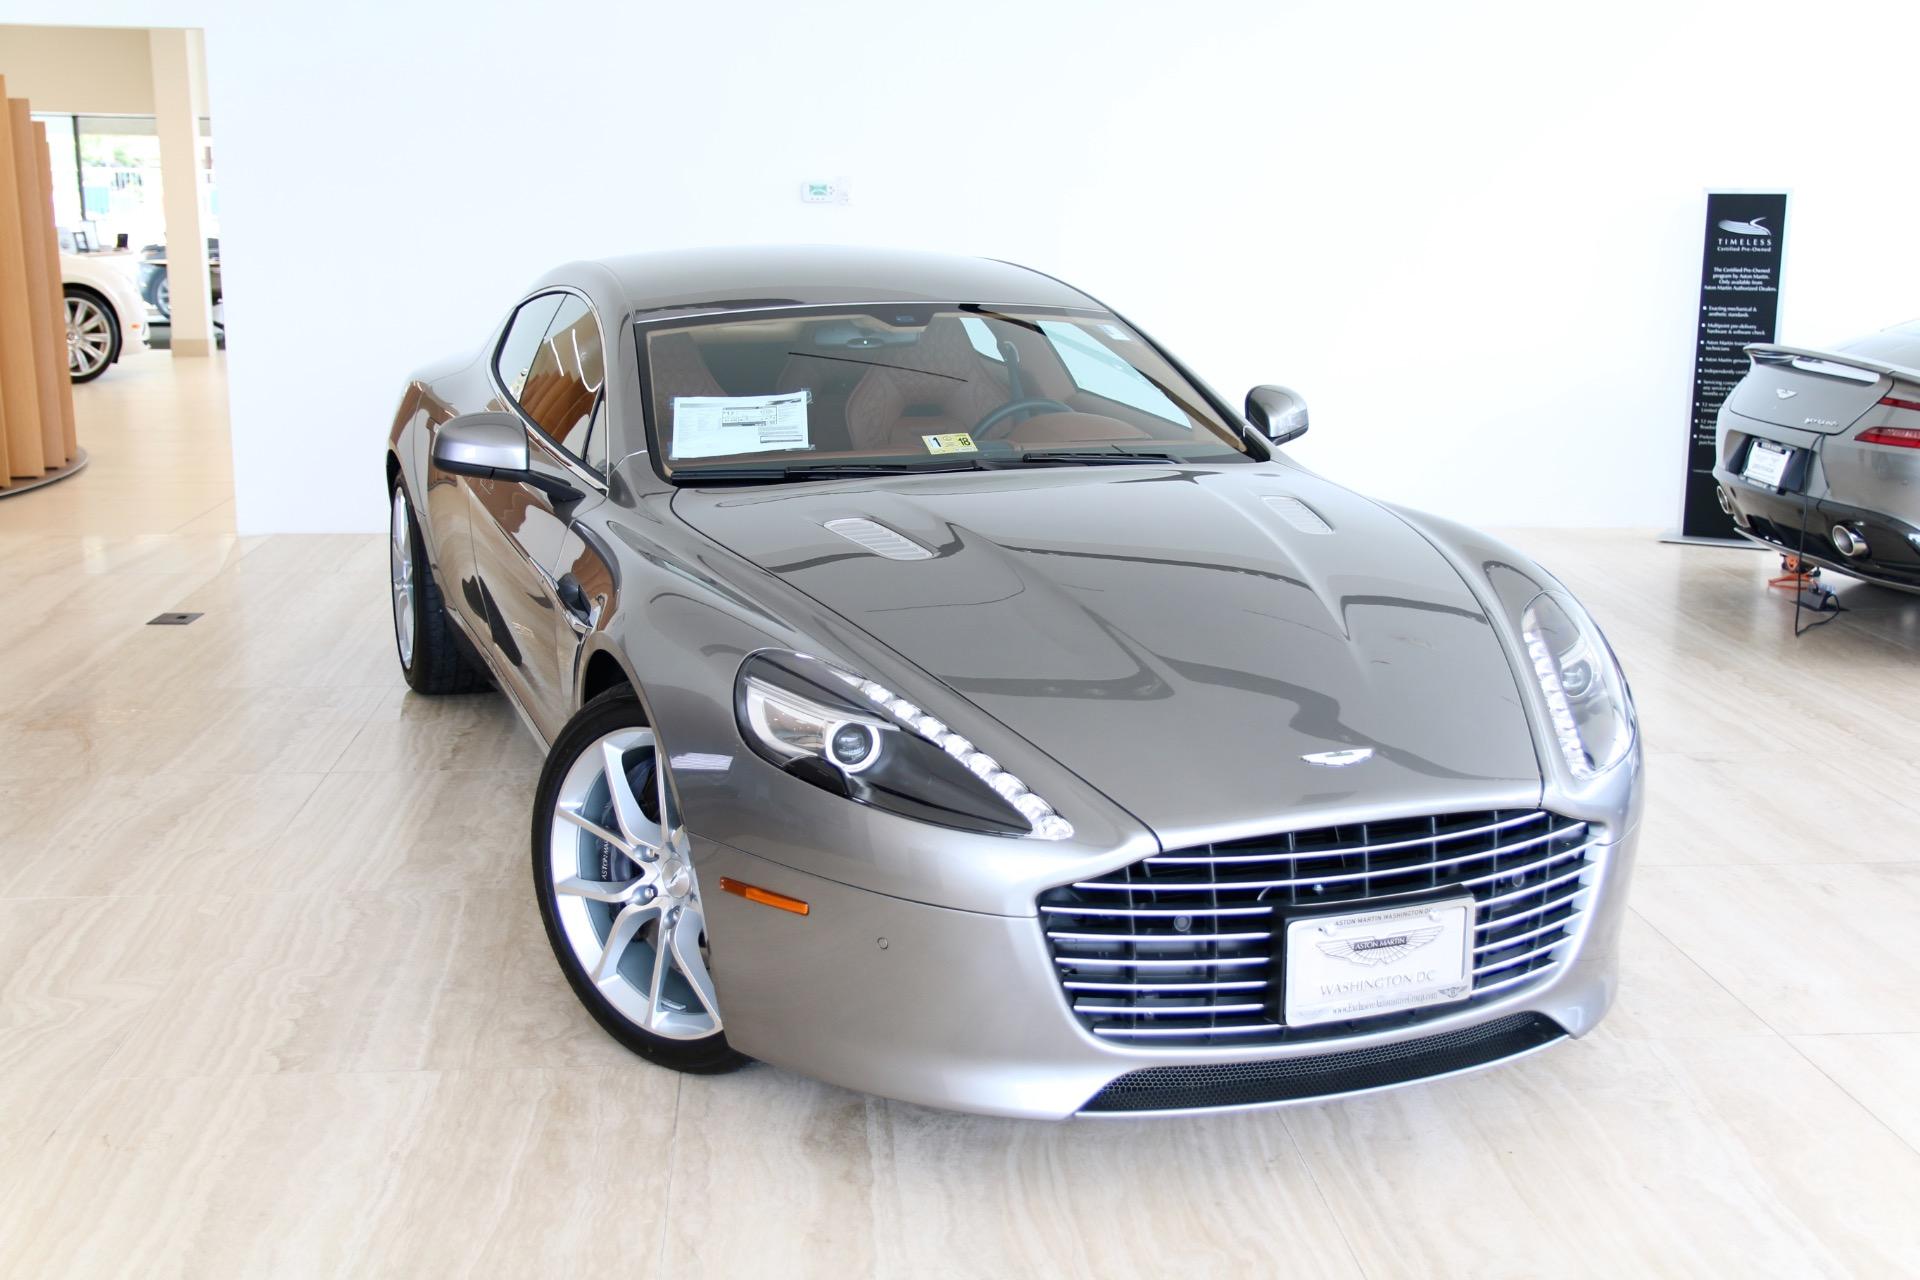 Aston Martin Rapide S Stock GF For Sale Near Vienna VA - Aston martin 4 door